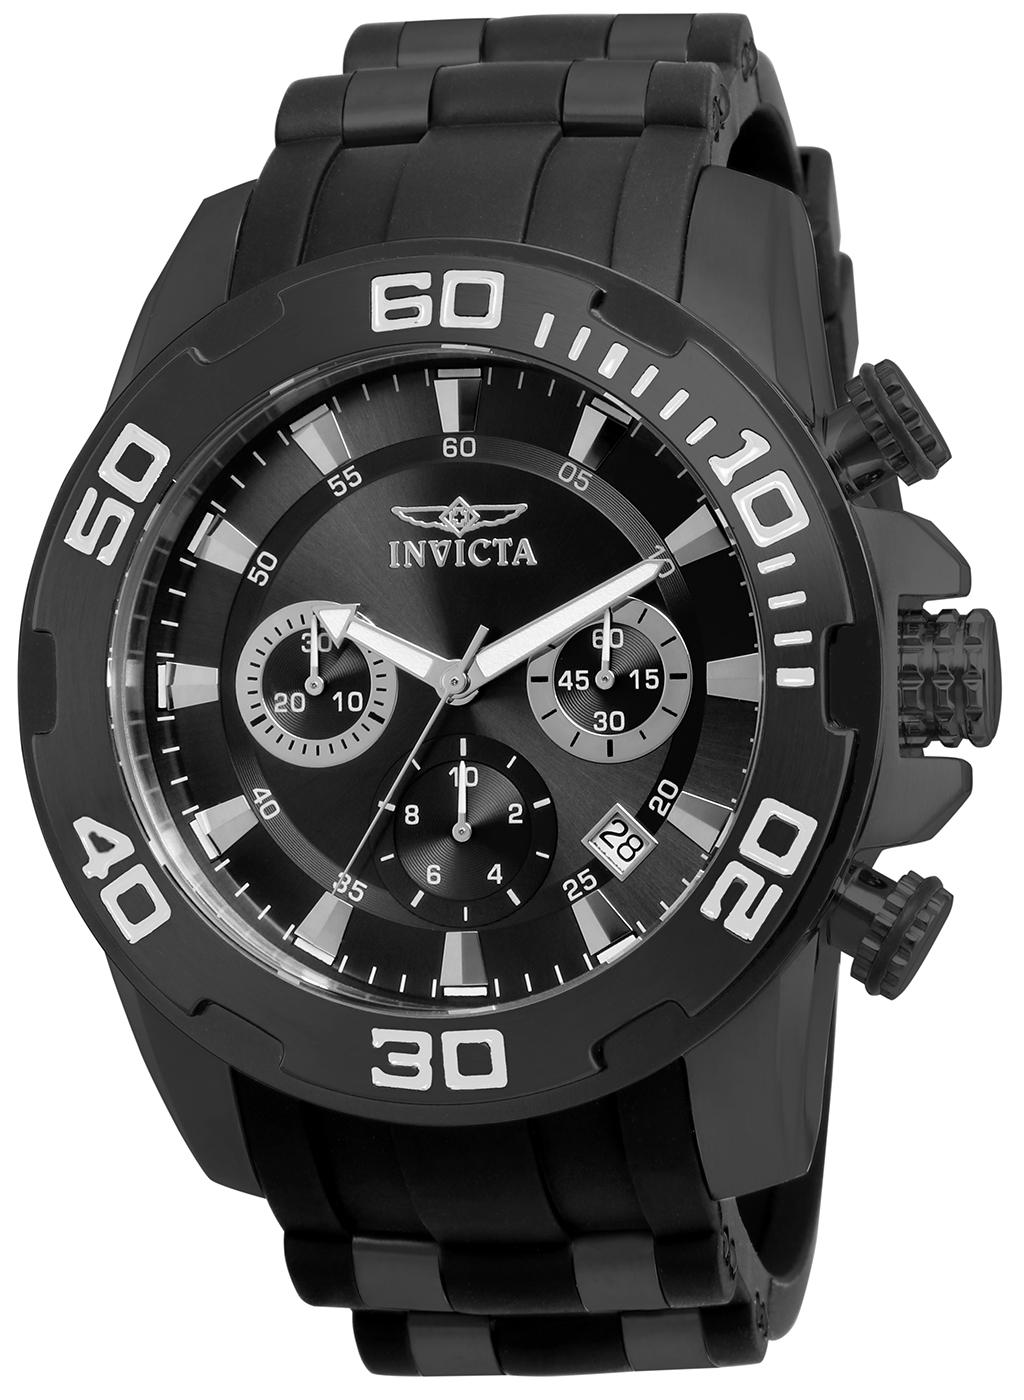 Invicta 22338 Men's Pro Diver Chronograph Black IP Steel & Silicone Strap Black Dial Quartz Watch